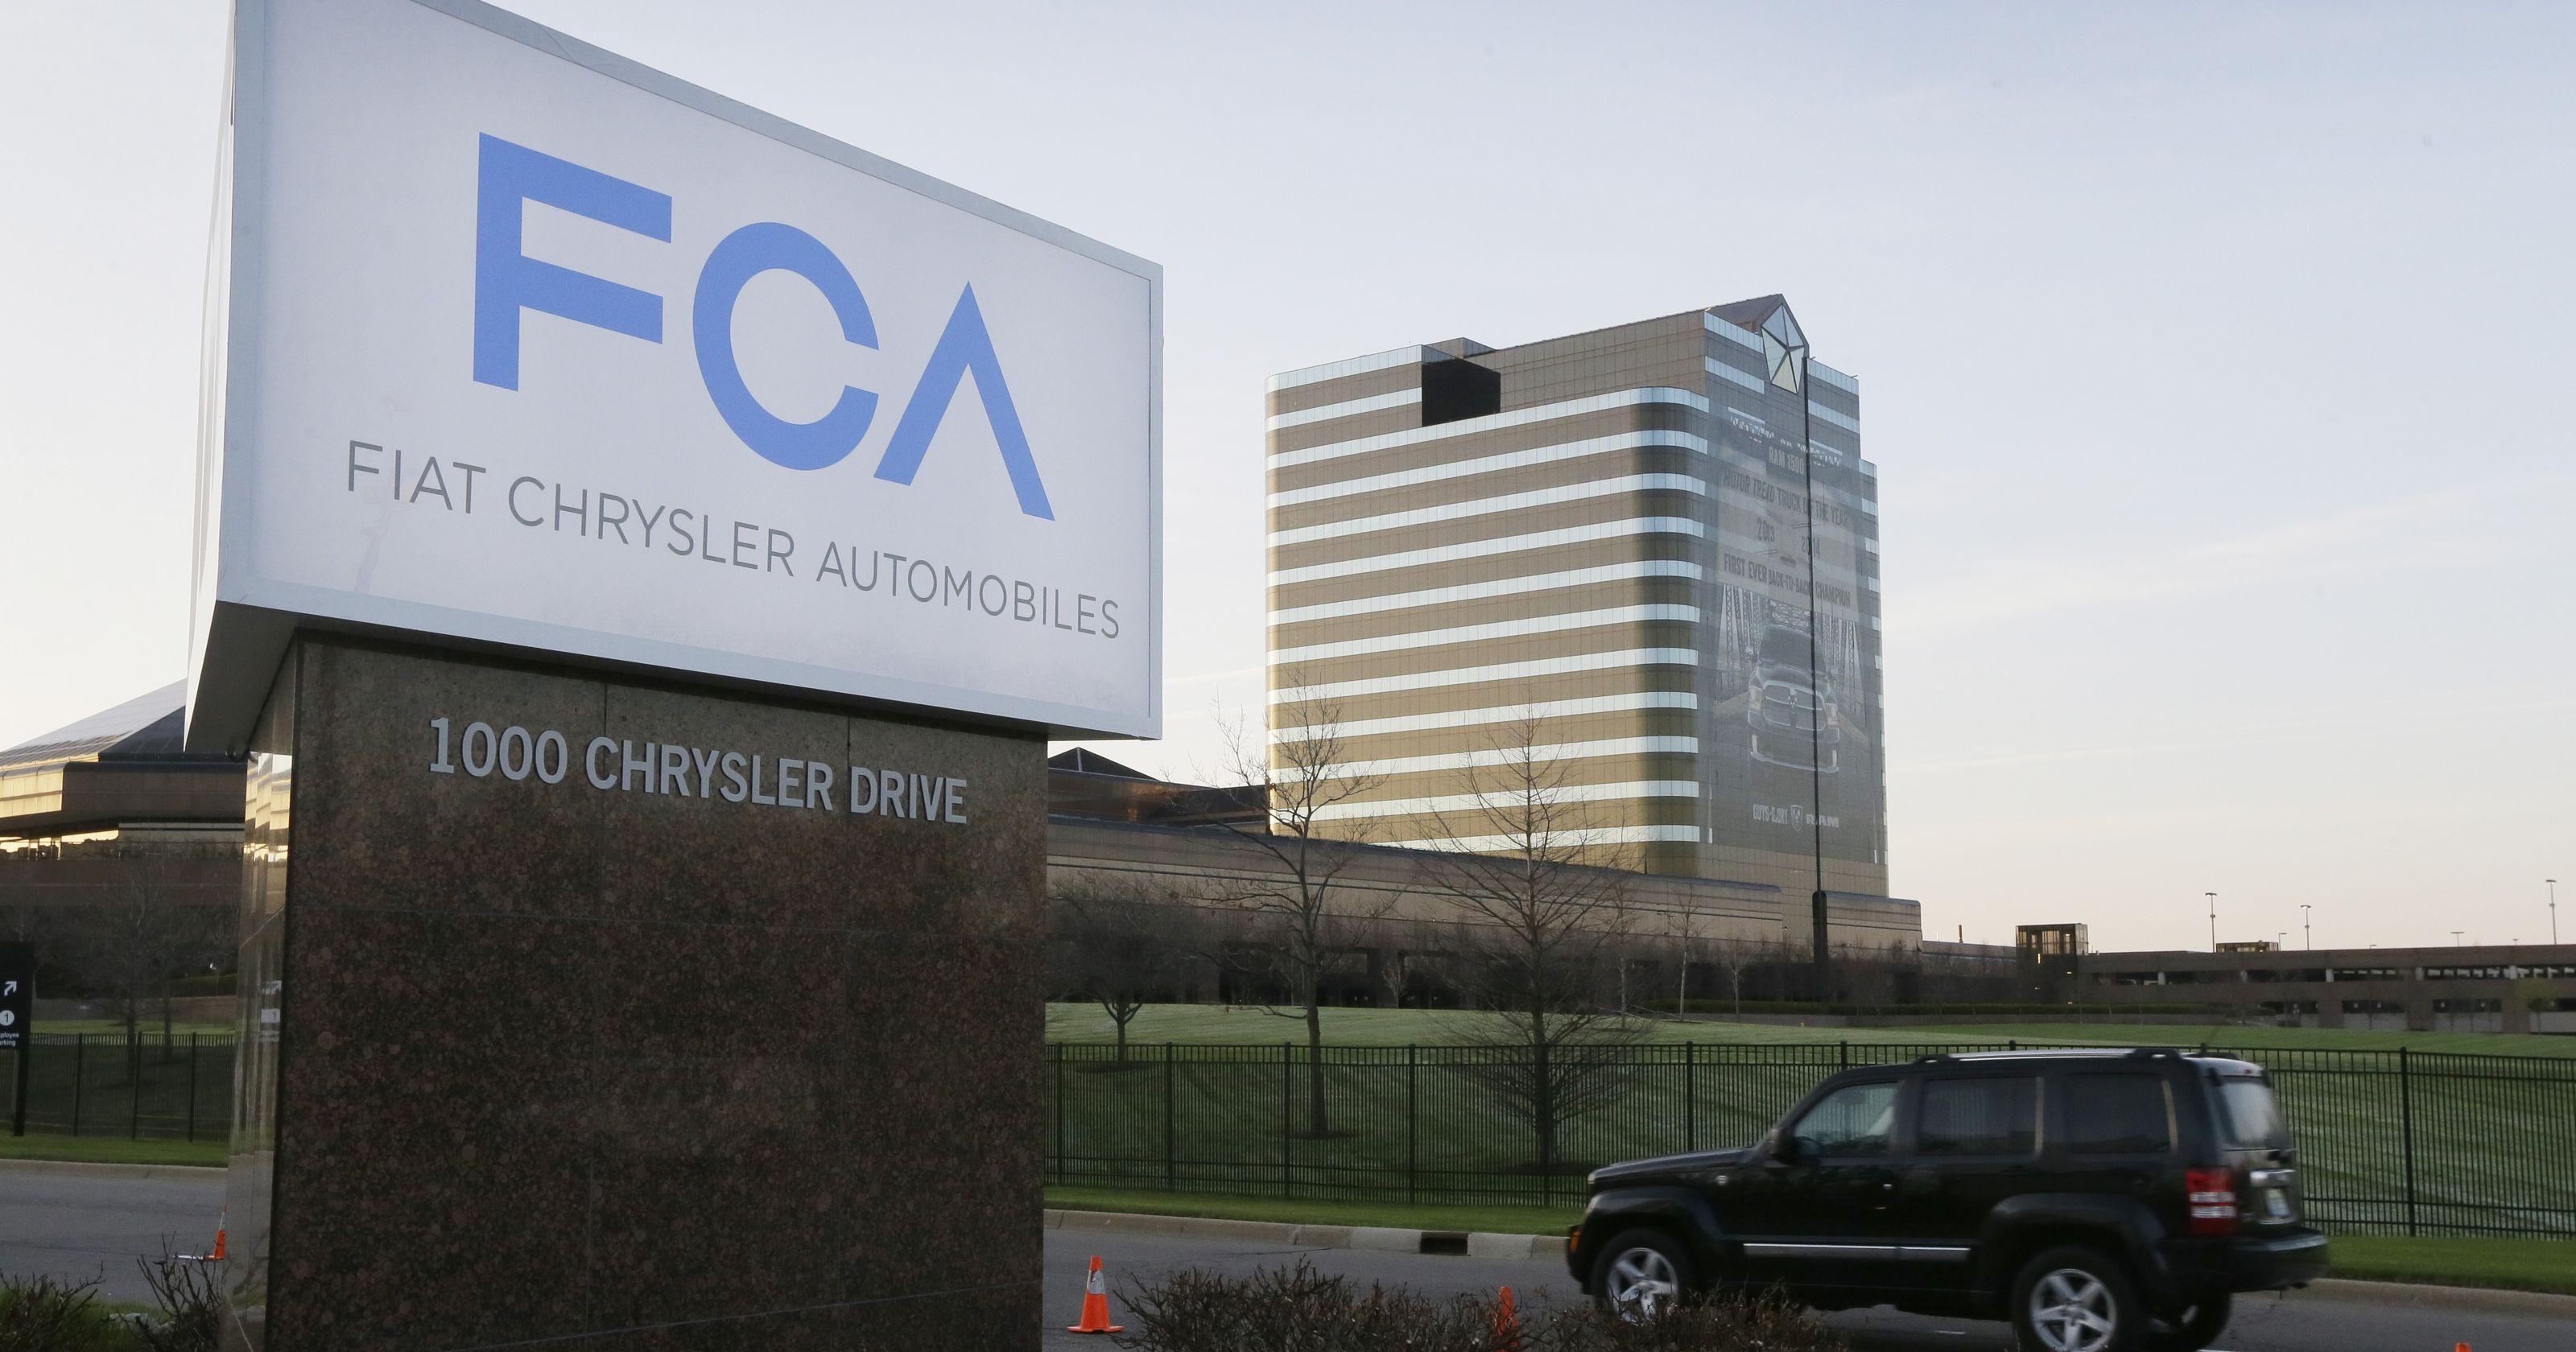 تغريم فيات كرايسلر 70 مليون دولار بأمريكا بسبب إخفائها عيوبًا في سياراتها